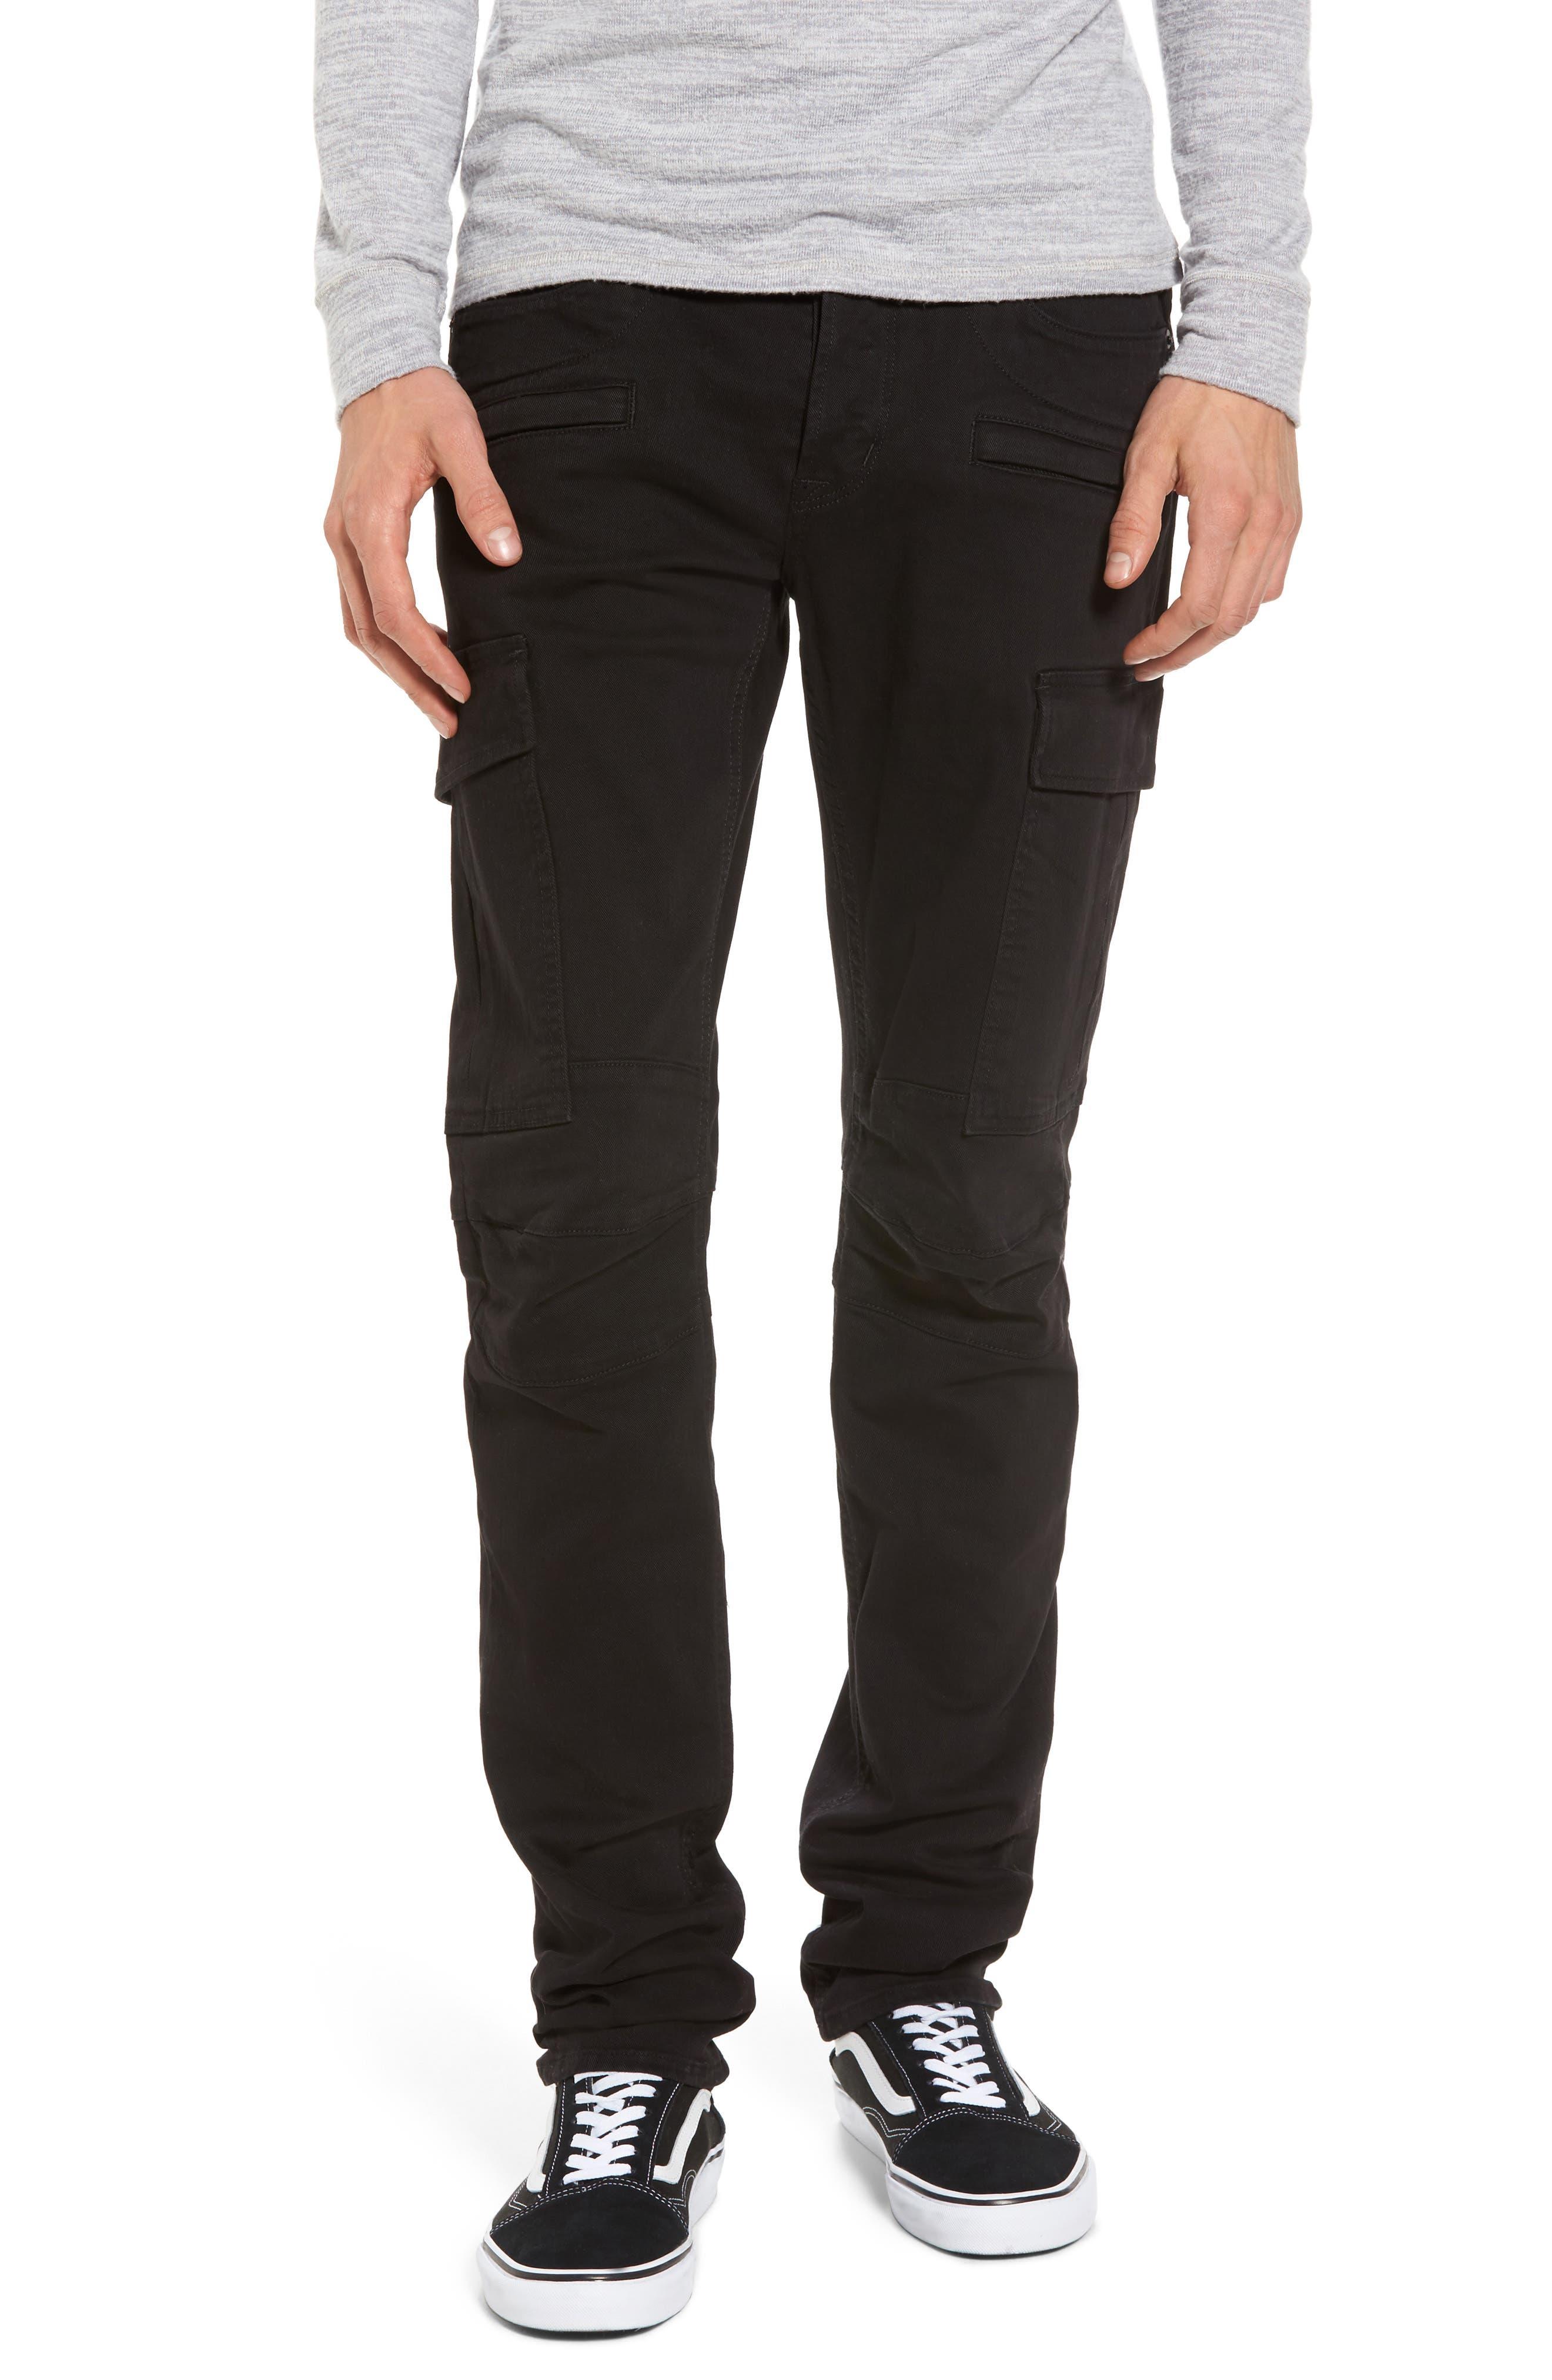 Greyson Cargo Biker Skinny Fit Jeans,                         Main,                         color, Black